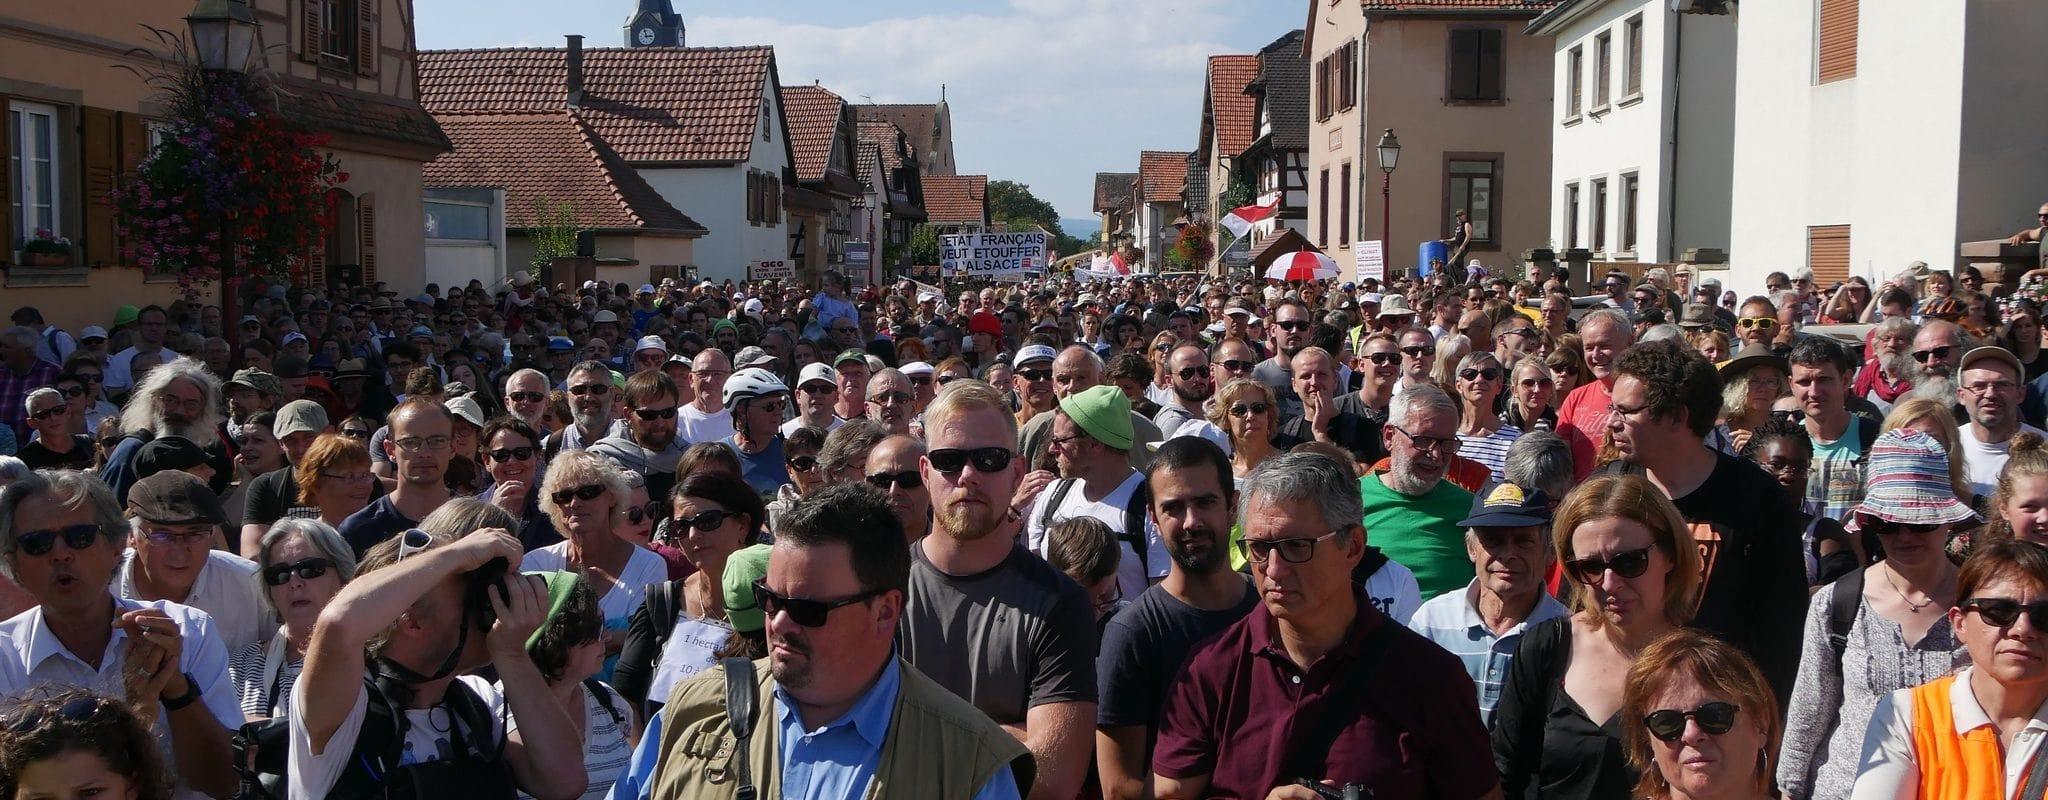 Plus de 2000 personnes manifestent contre le GCO à Kolbsheim